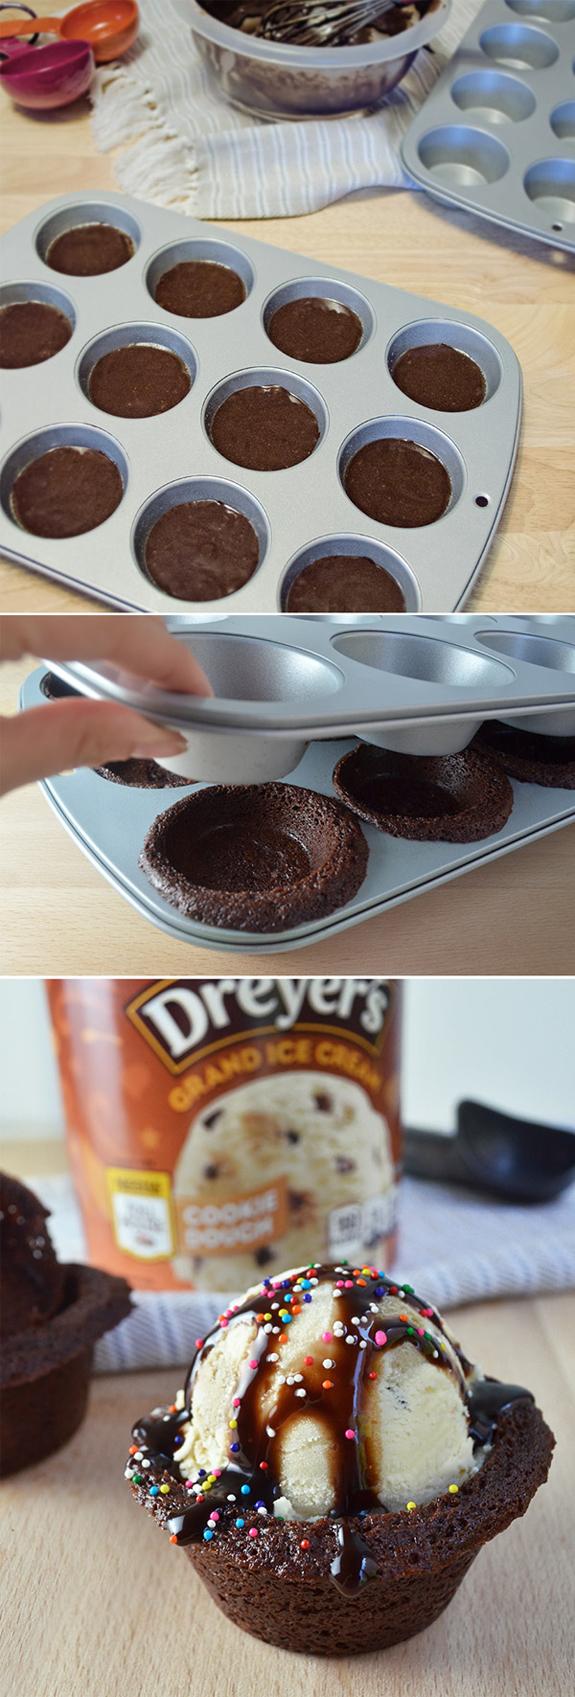 Dondurmalı Islak Kek Yapılışı - Muffin kalıbında dondurmalı kek